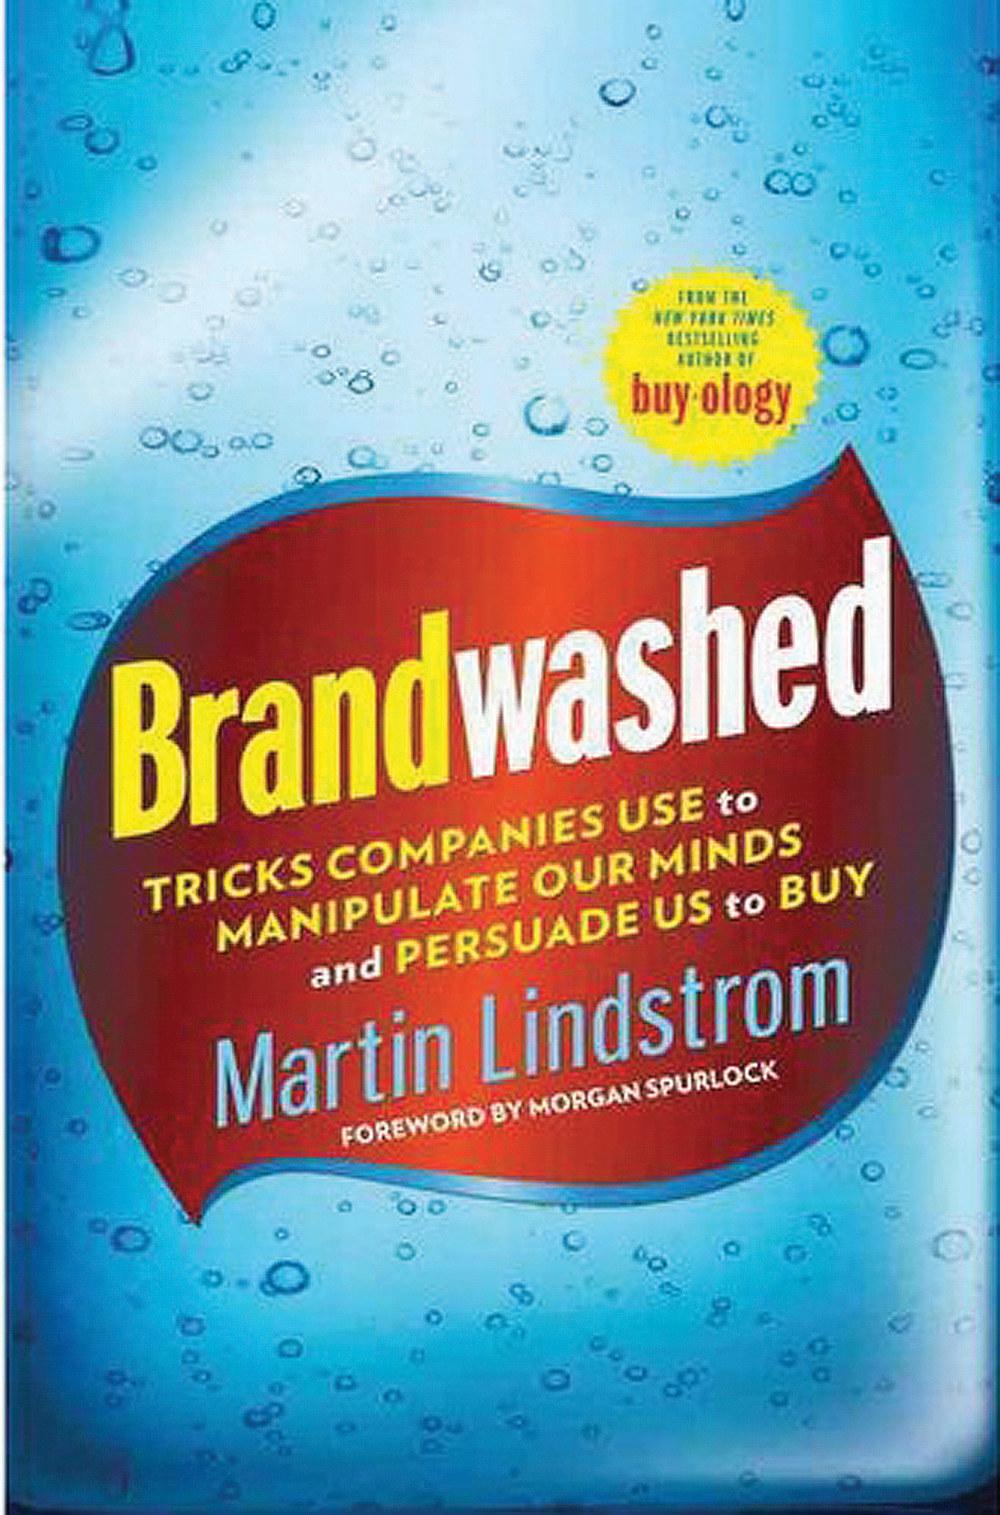 brandwashed.jpg